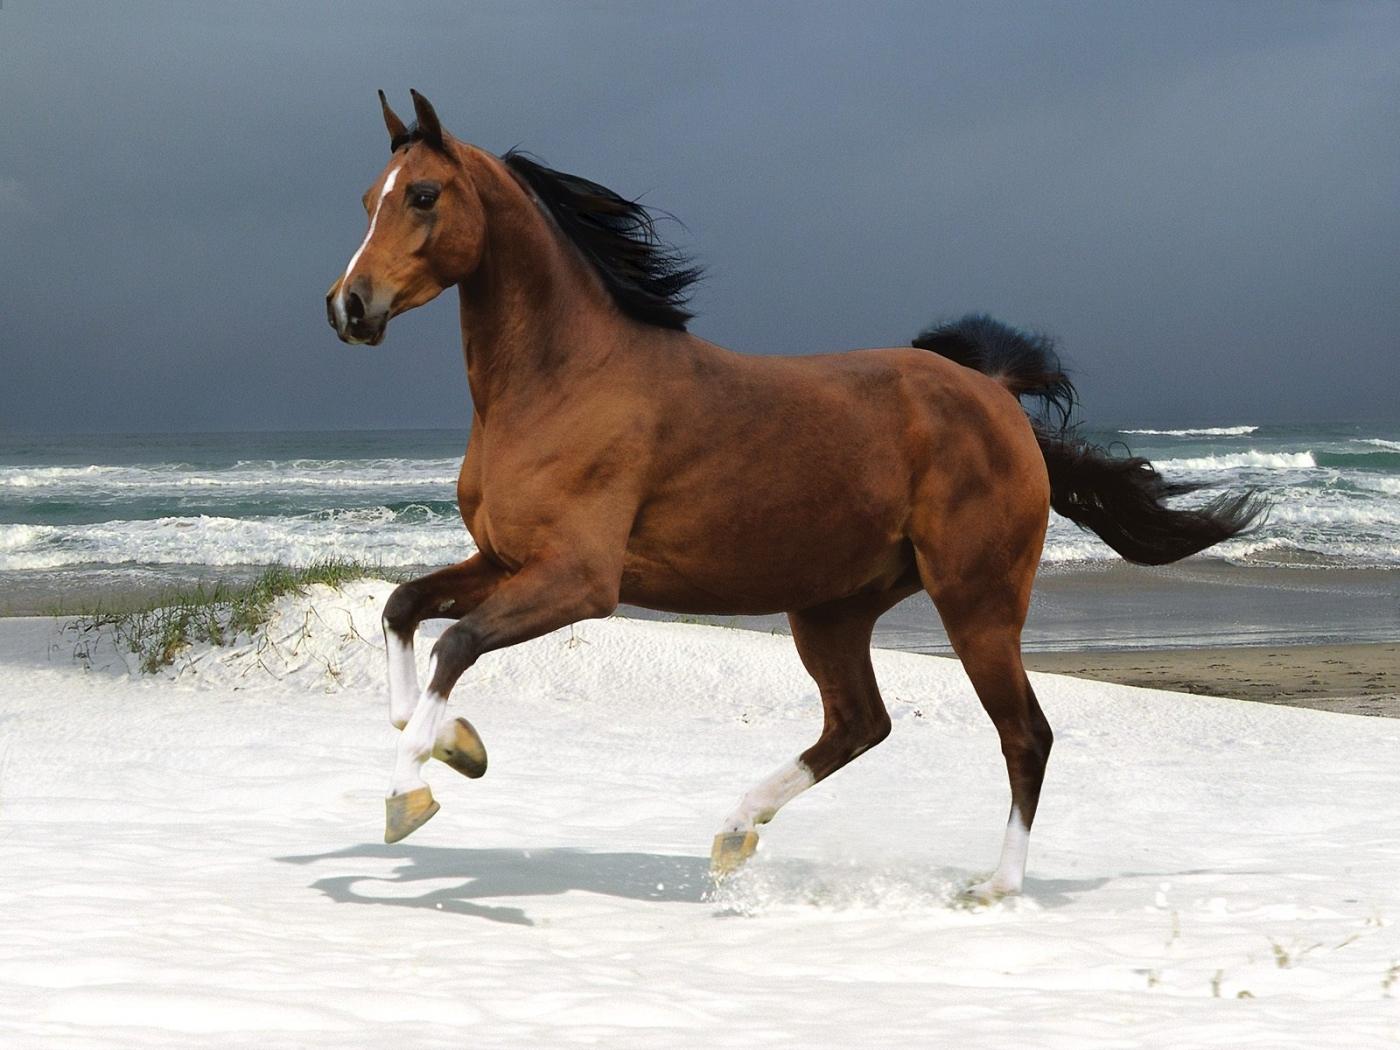 45733 скачать обои Животные, Лошади - заставки и картинки бесплатно